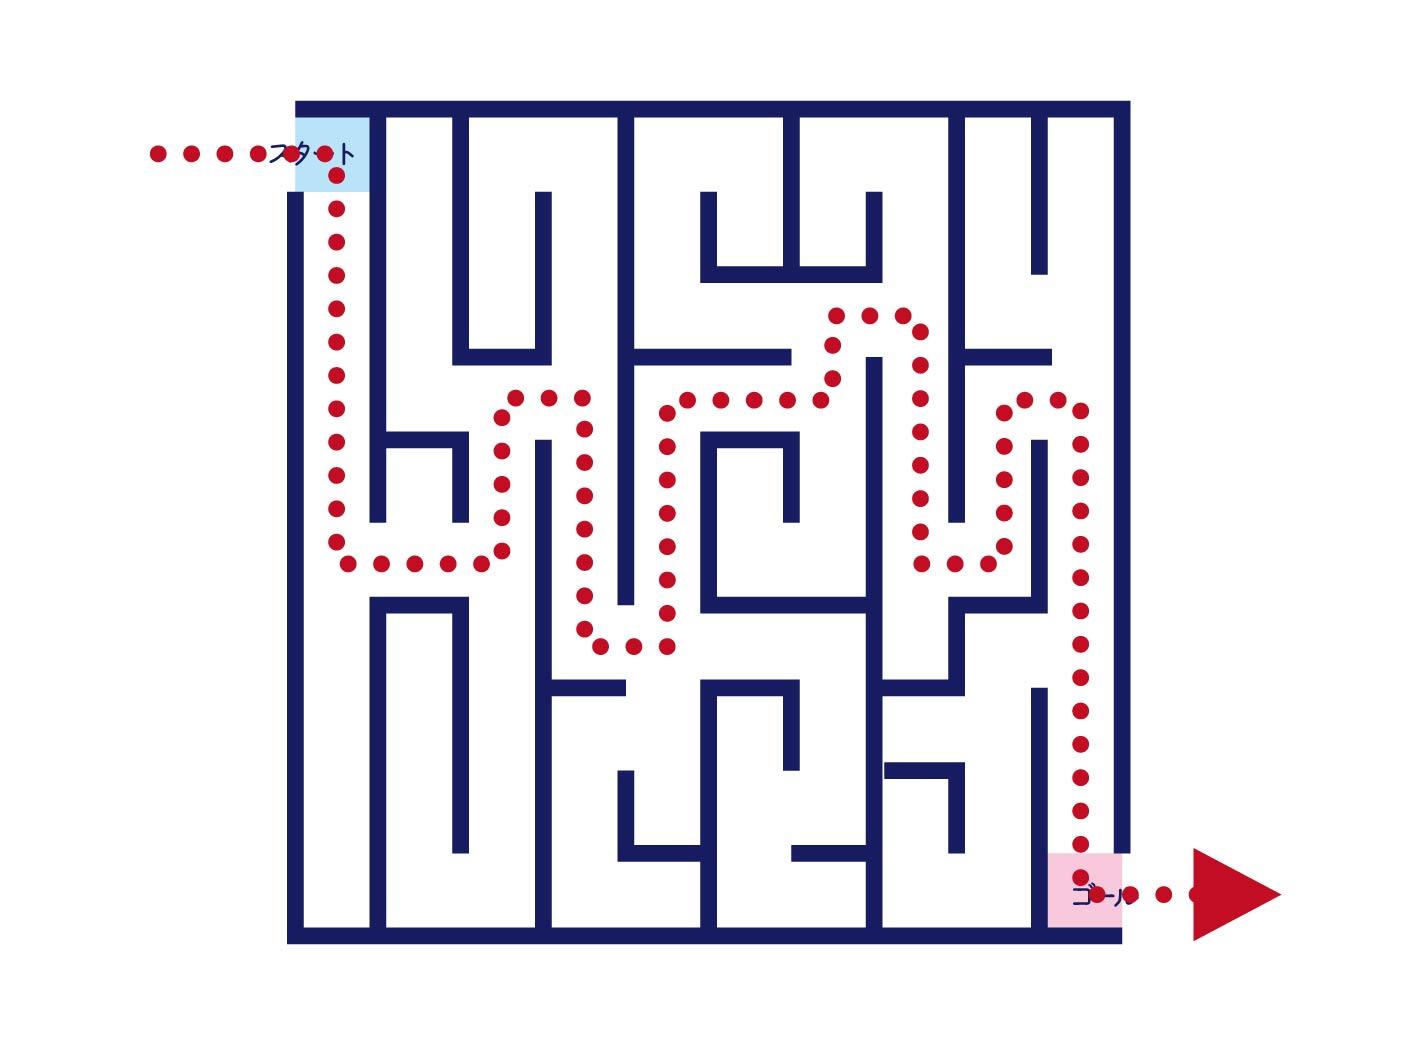 ビー玉迷路を作ってみよう 簡単なオリジナル迷路の書き方もご紹介 2ページ目 Hands